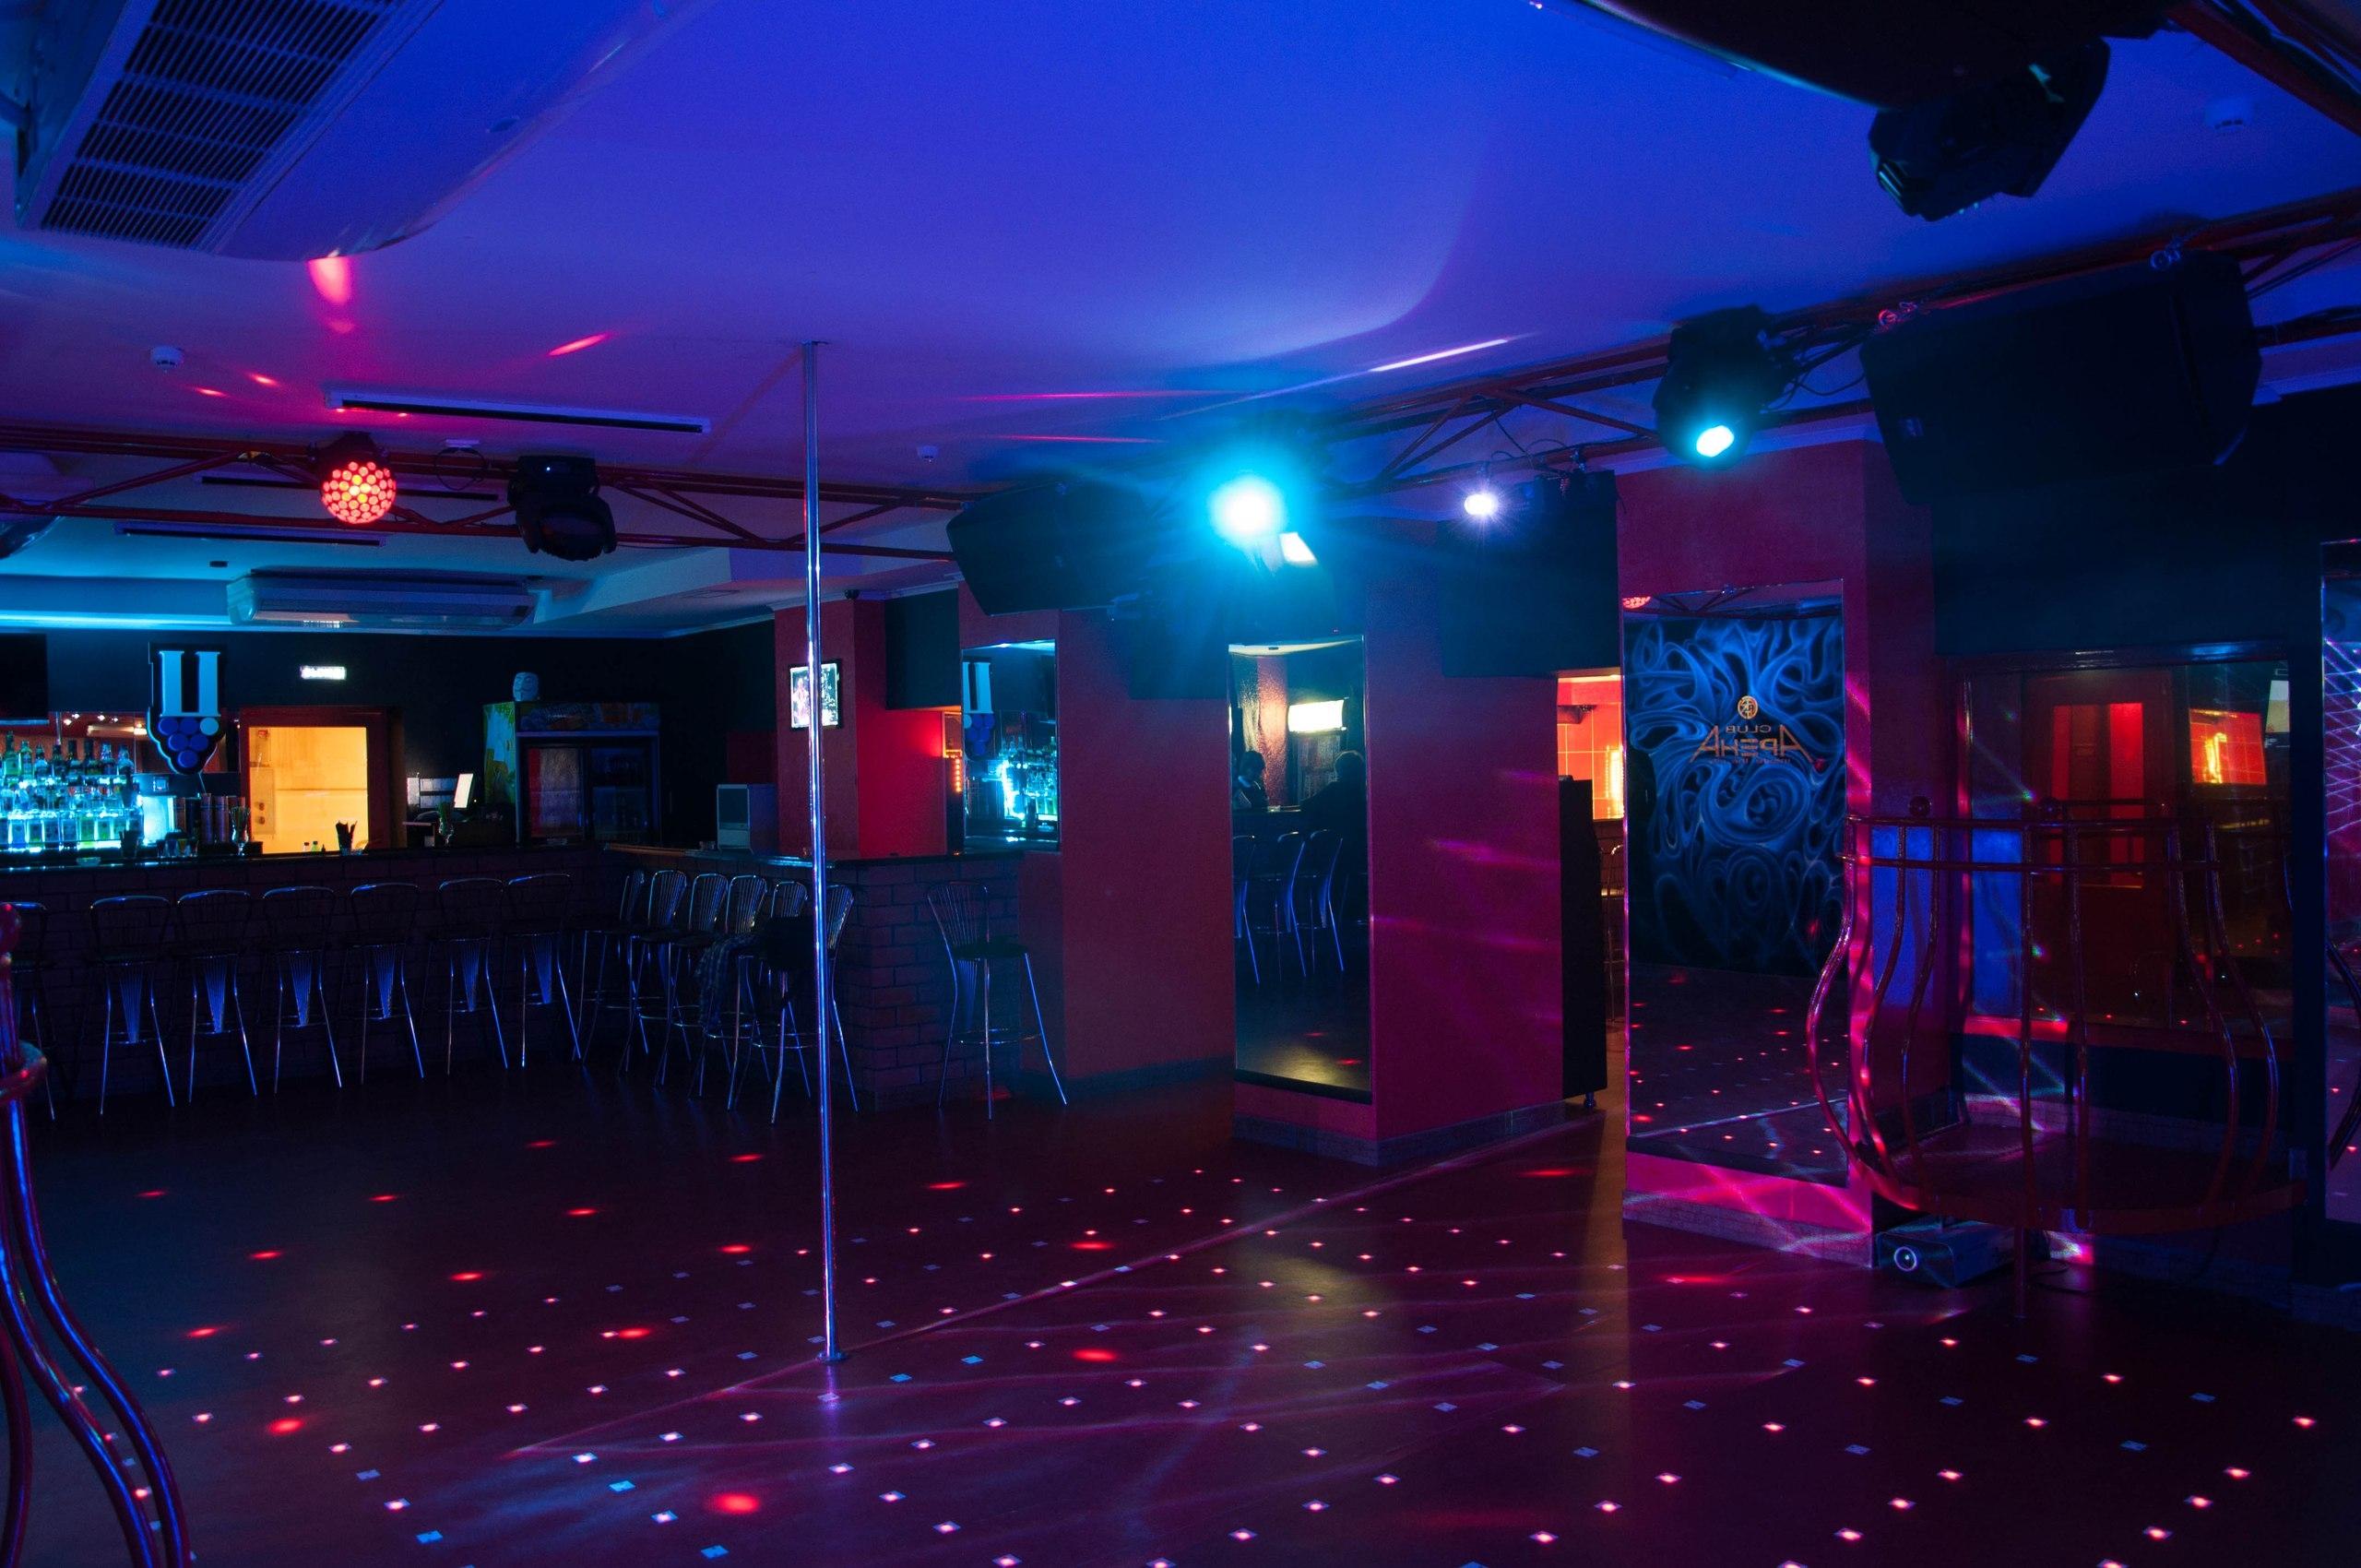 Ночной клуб волгодонске в стриптиз клубе оказывали